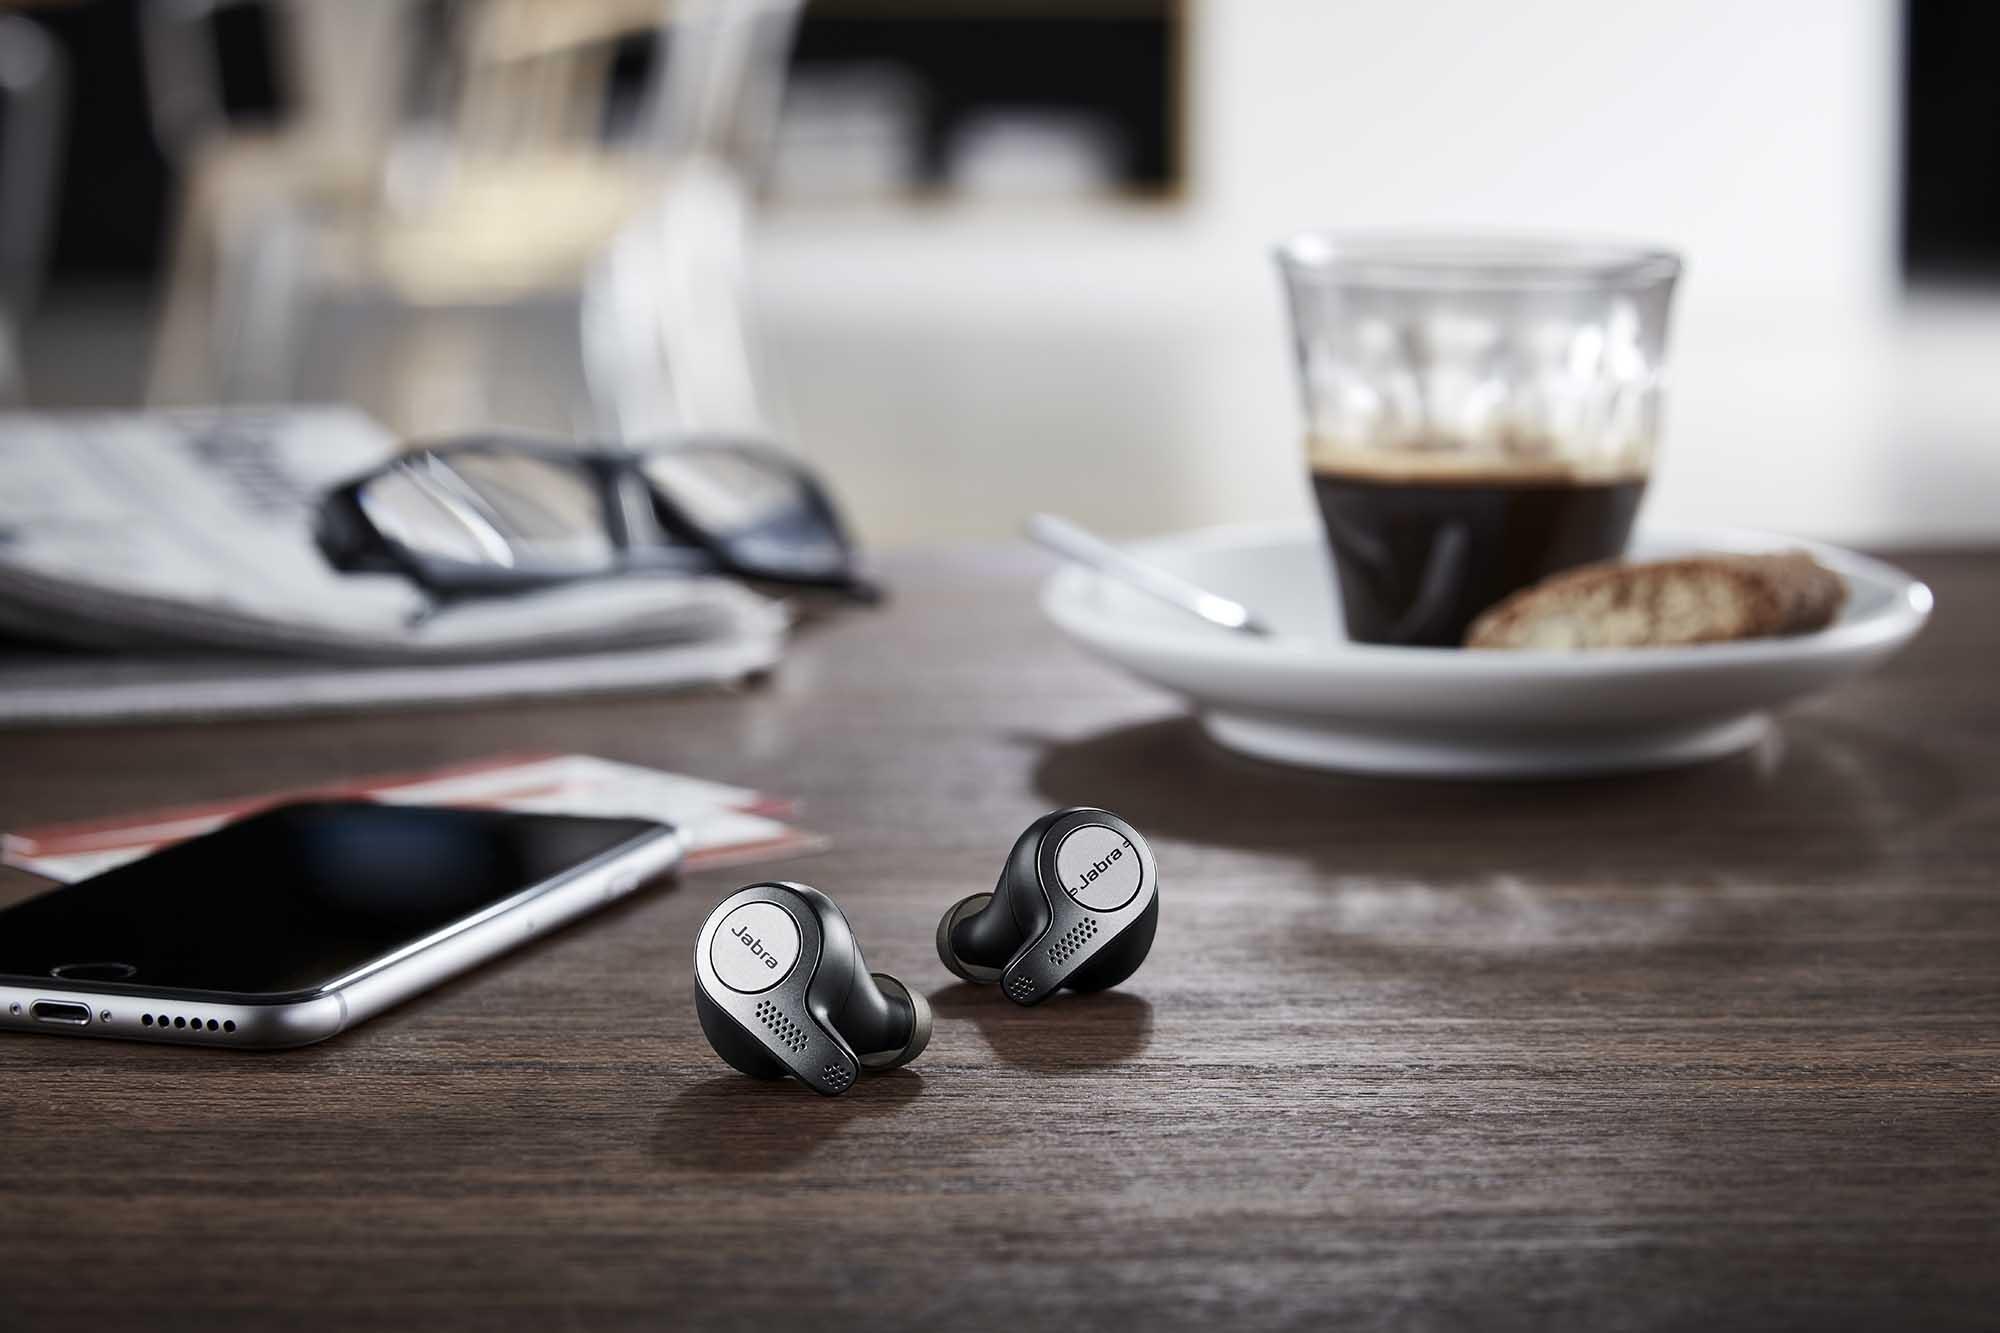 Jabra 全新 Elite 耳機系列現身 CES  支援 Amazon Alexa on-the-go 玩埋智能家居